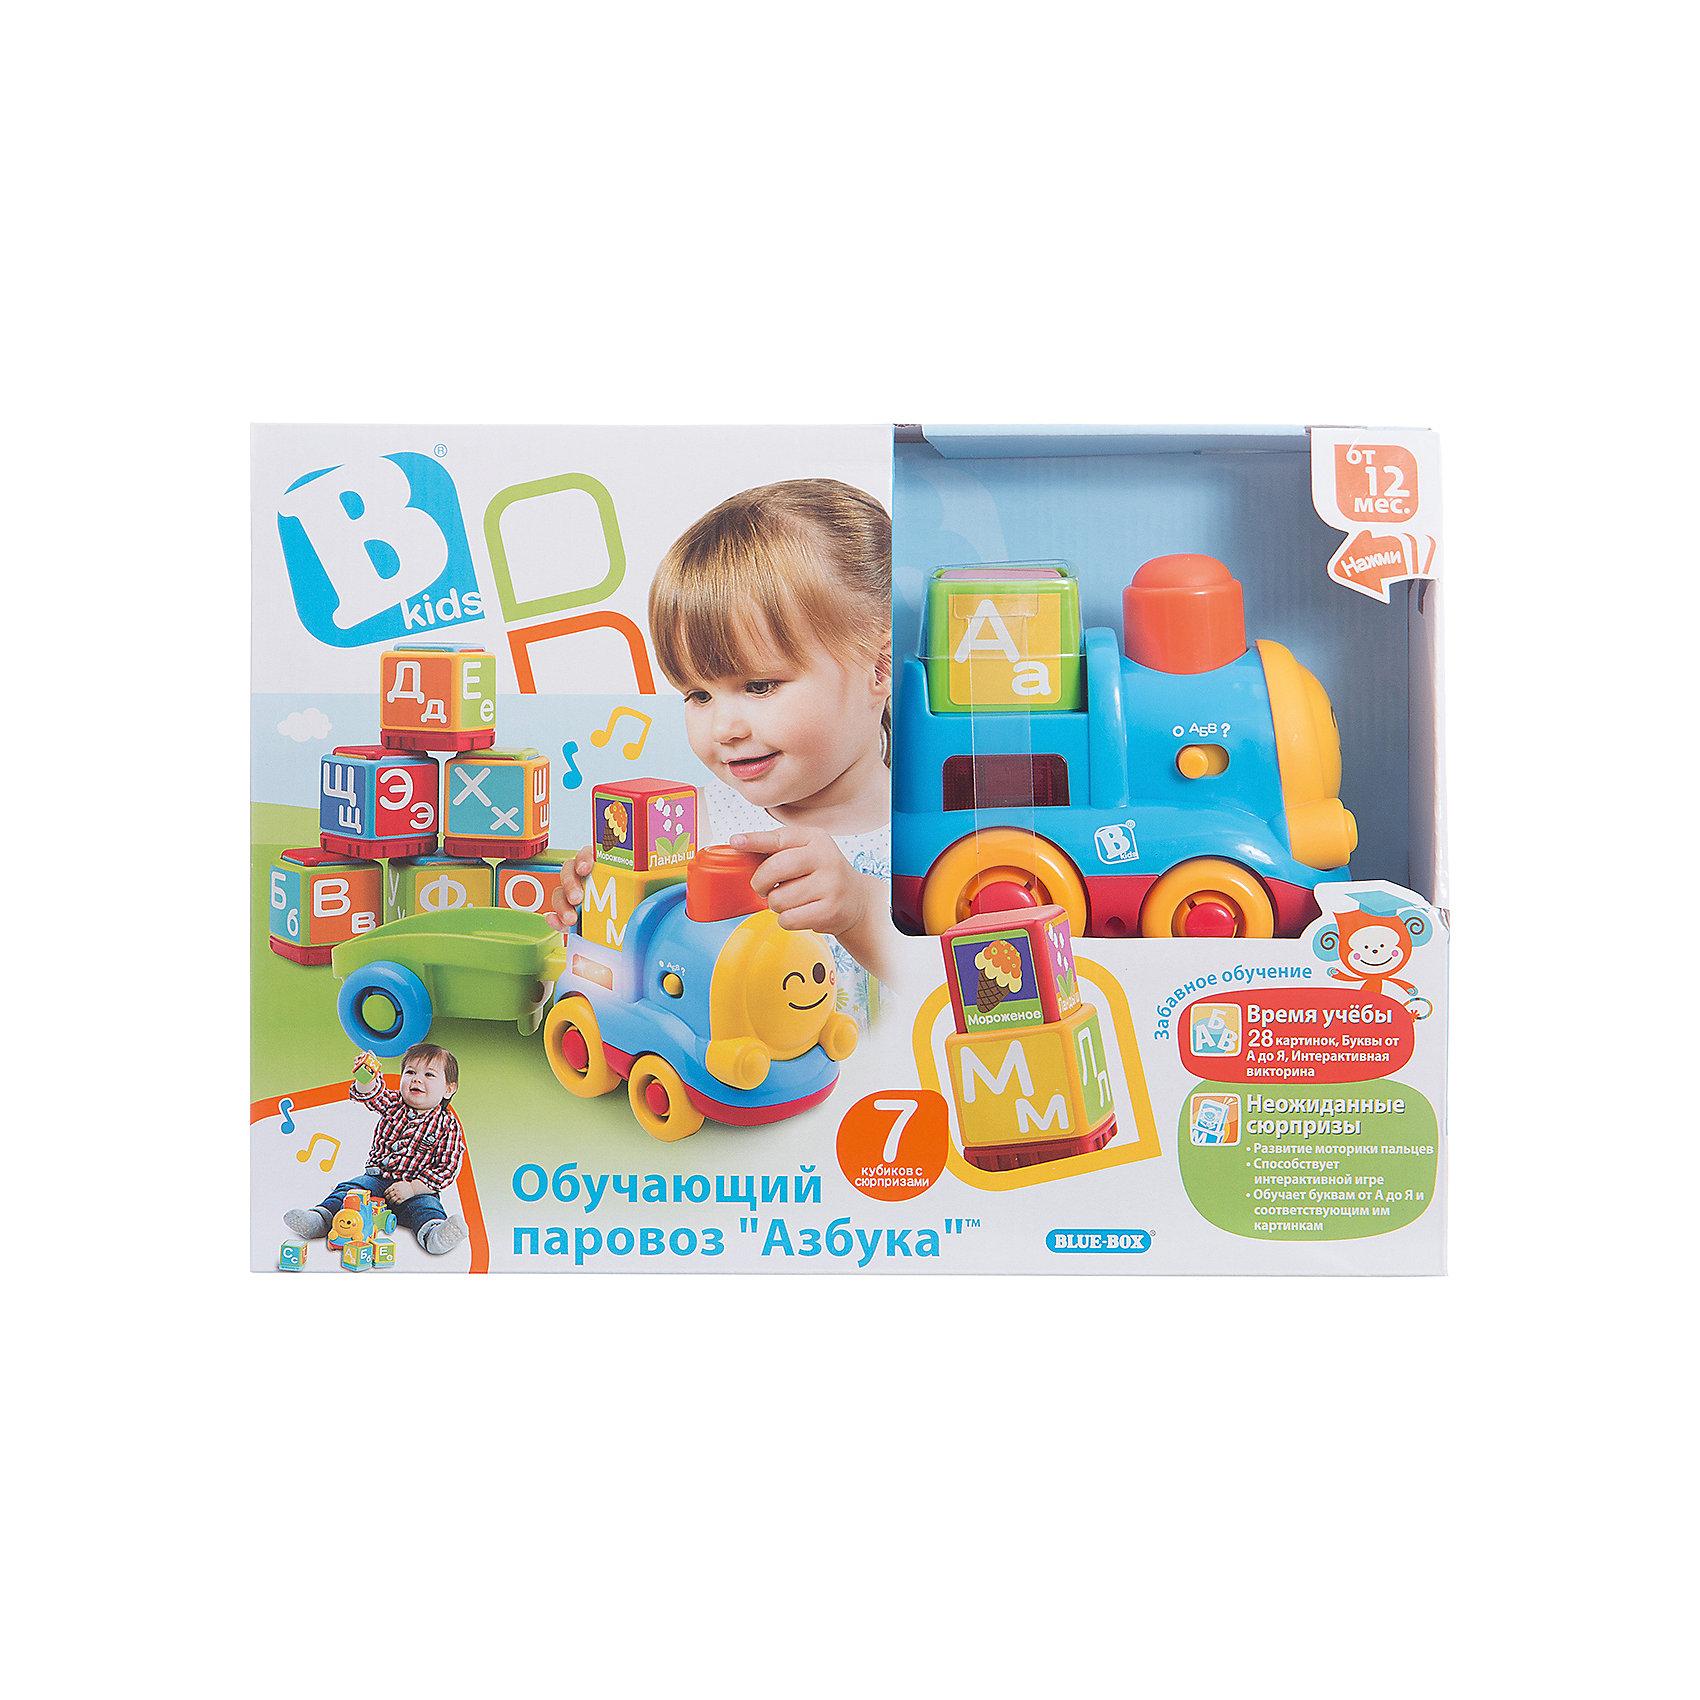 Развивающий игровой набор  Паровоз, BKidsМашинки и транспорт для малышей<br>Развивать способности ребенка можно с самого раннего возраста. Делая это в игре, малыш всесторонне изучает мир и осваивает новые навыки. Эта игрушка состоит из вагона, паровоза и кубиков с буквами. Она имеет специальные звуковые возможности: может задавать ребенку вопросы или рассказывать о буквах.<br>Такие игрушки способствуют развитию мелкой моторики, воображения, цвето- и звуковосприятия, тактильных ощущений и обучению. Изделие разработано специально для самых маленьких. Сделано из материалов, безопасных для детей.<br><br>Дополнительная информация:<br><br>цвет: разноцветный;<br>комплектация: вагон, паровоза и 7 кубиков с буквами;<br>2 батарейки входят в комплект;<br>возраст: от года.<br><br>Развивающий игровой набор Паровоз от бренда BKids можно купить в нашем интернет-магазине.<br><br>Ширина мм: 95<br>Глубина мм: 95<br>Высота мм: 254<br>Вес г: 931<br>Возраст от месяцев: 12<br>Возраст до месяцев: 36<br>Пол: Унисекс<br>Возраст: Детский<br>SKU: 5055364